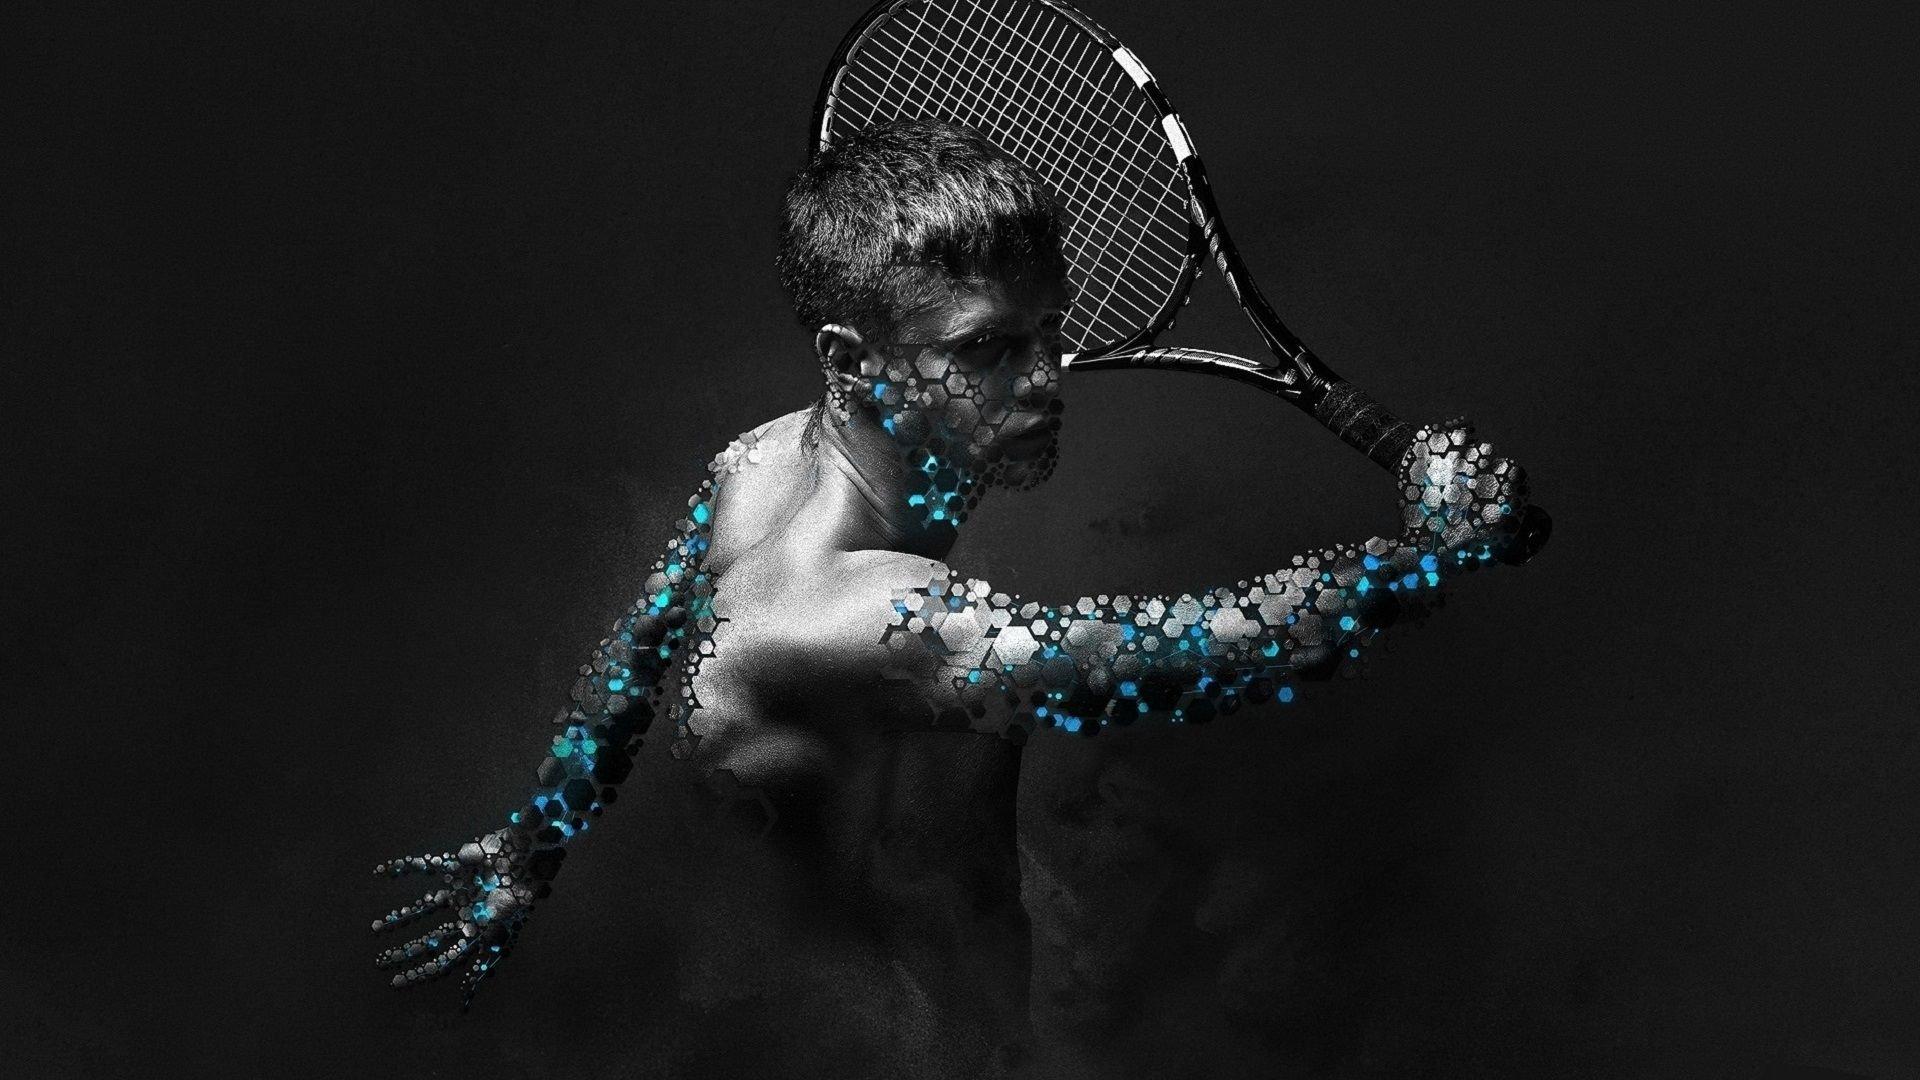 Wallpaper 1920x1080 Px 3d Sports Tenis Virtual